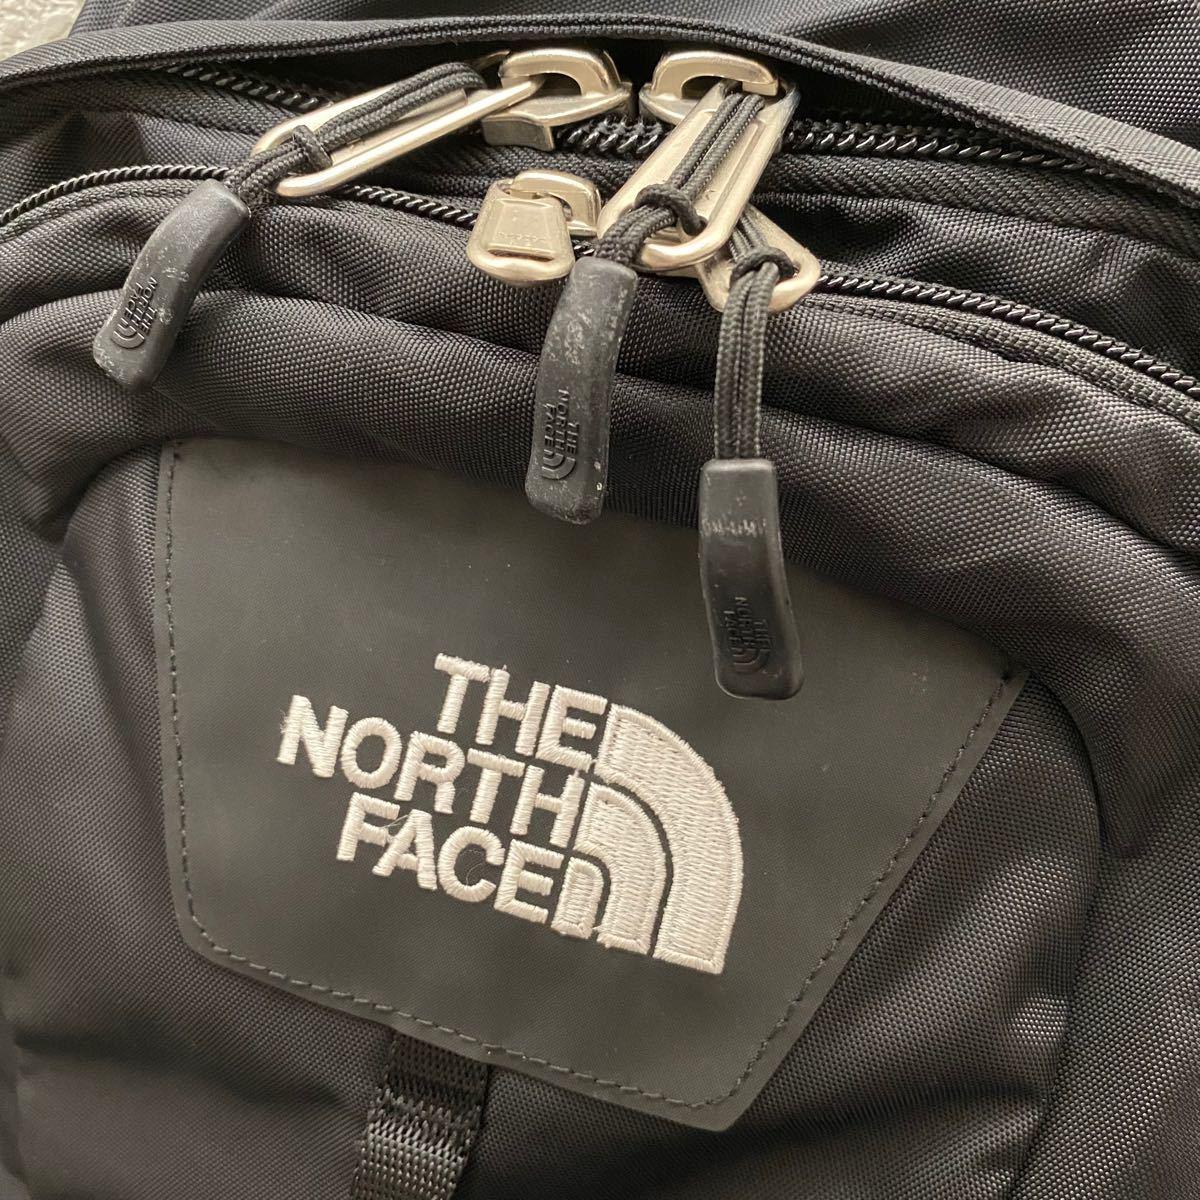 THE NORTH FACE ザ ノースフェイス ホットショット バックパック HOT SHOT CL ブラック リュック